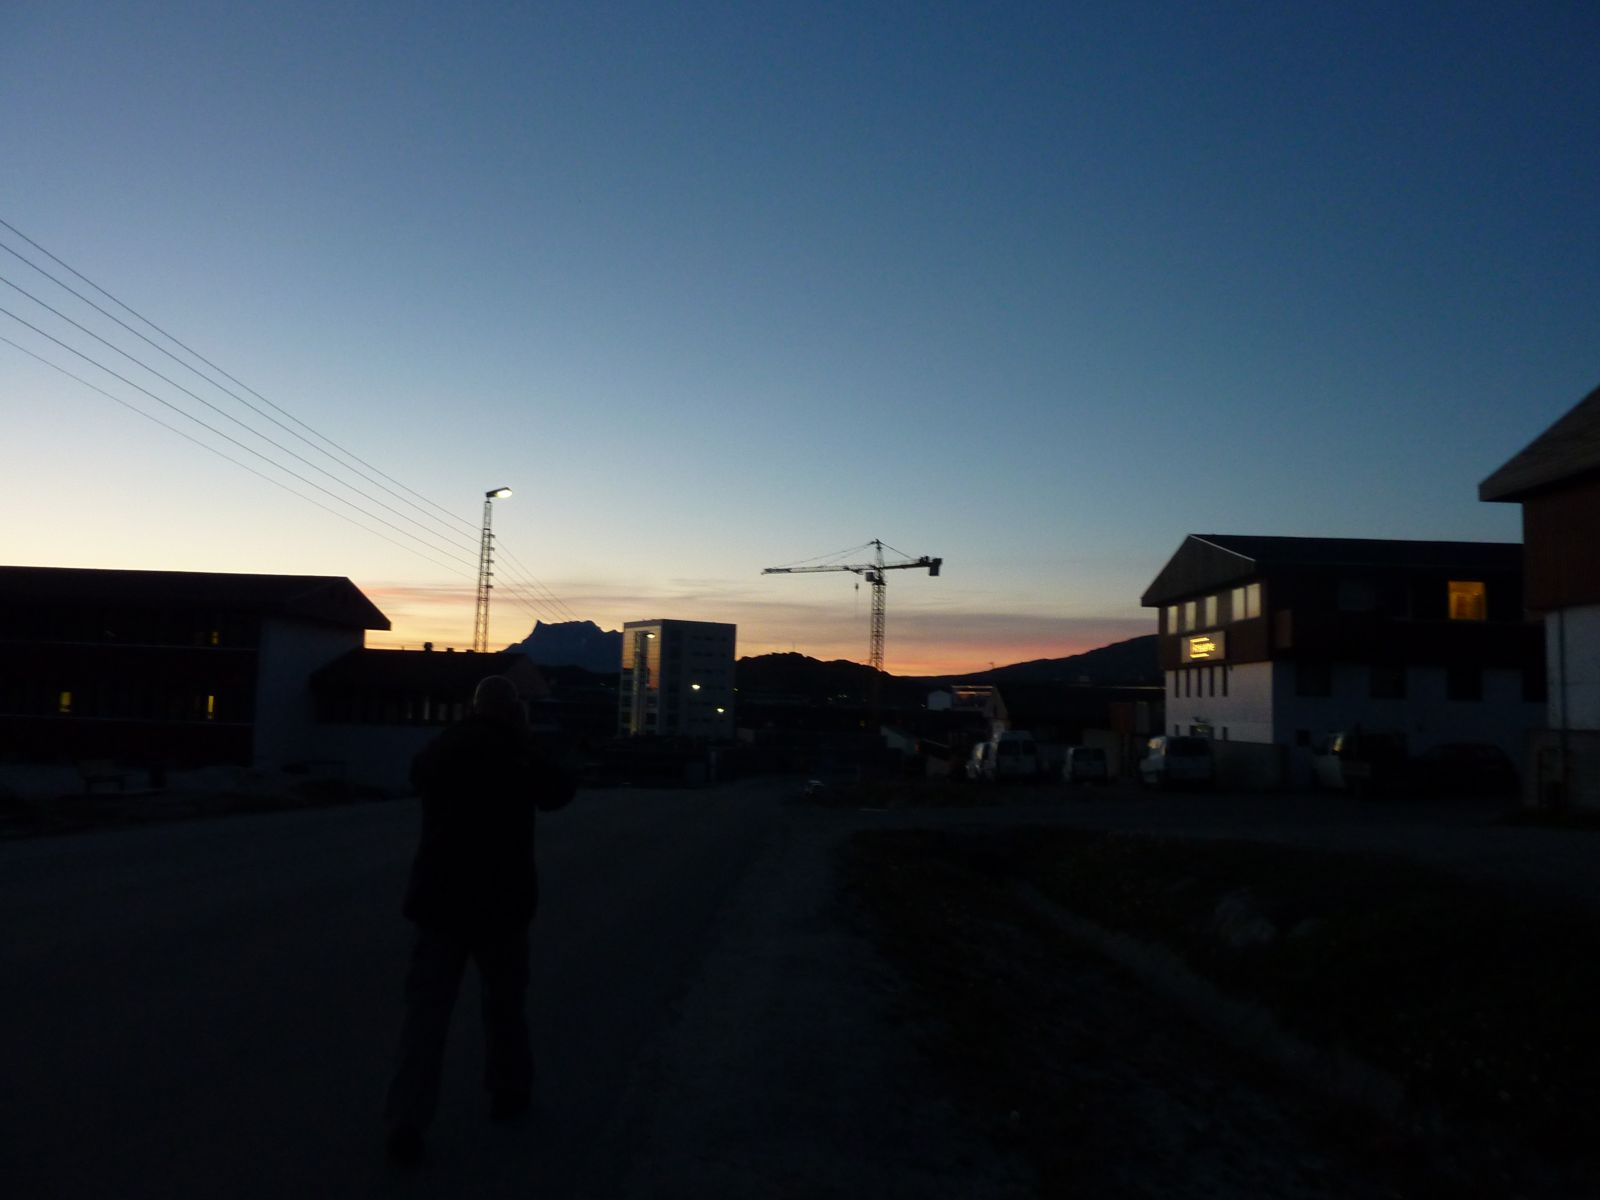 2010-07-18-0244_-_Byggekran; Sermitsiaq